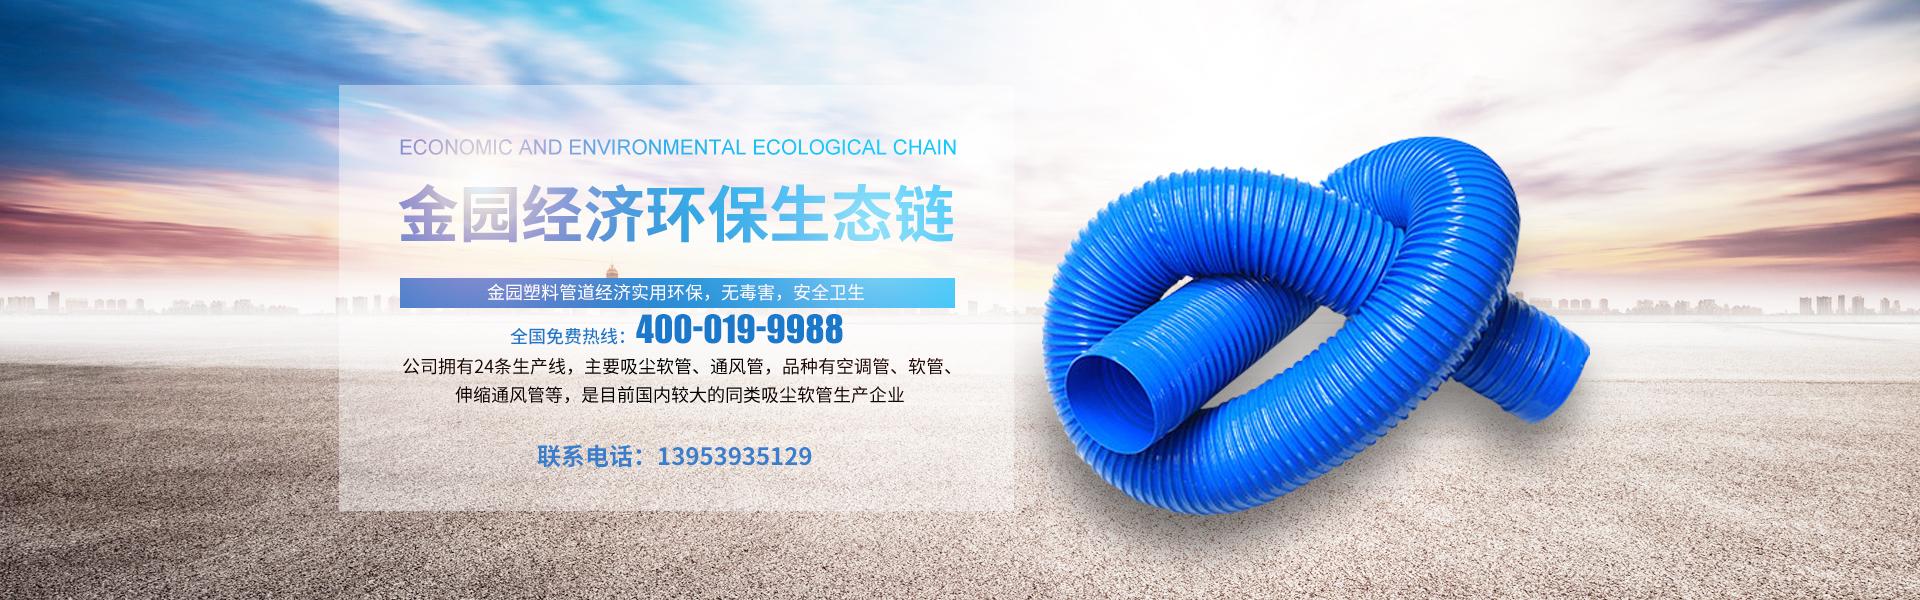 临沂金园塑料加工厂是一家专门从事塑料制品生产的工厂,主要生产通风管,塑料通风管,吸尘软管,PVC螺旋管等,品种齐全,为您提供质量更好的产品,联系热线:13953935129.